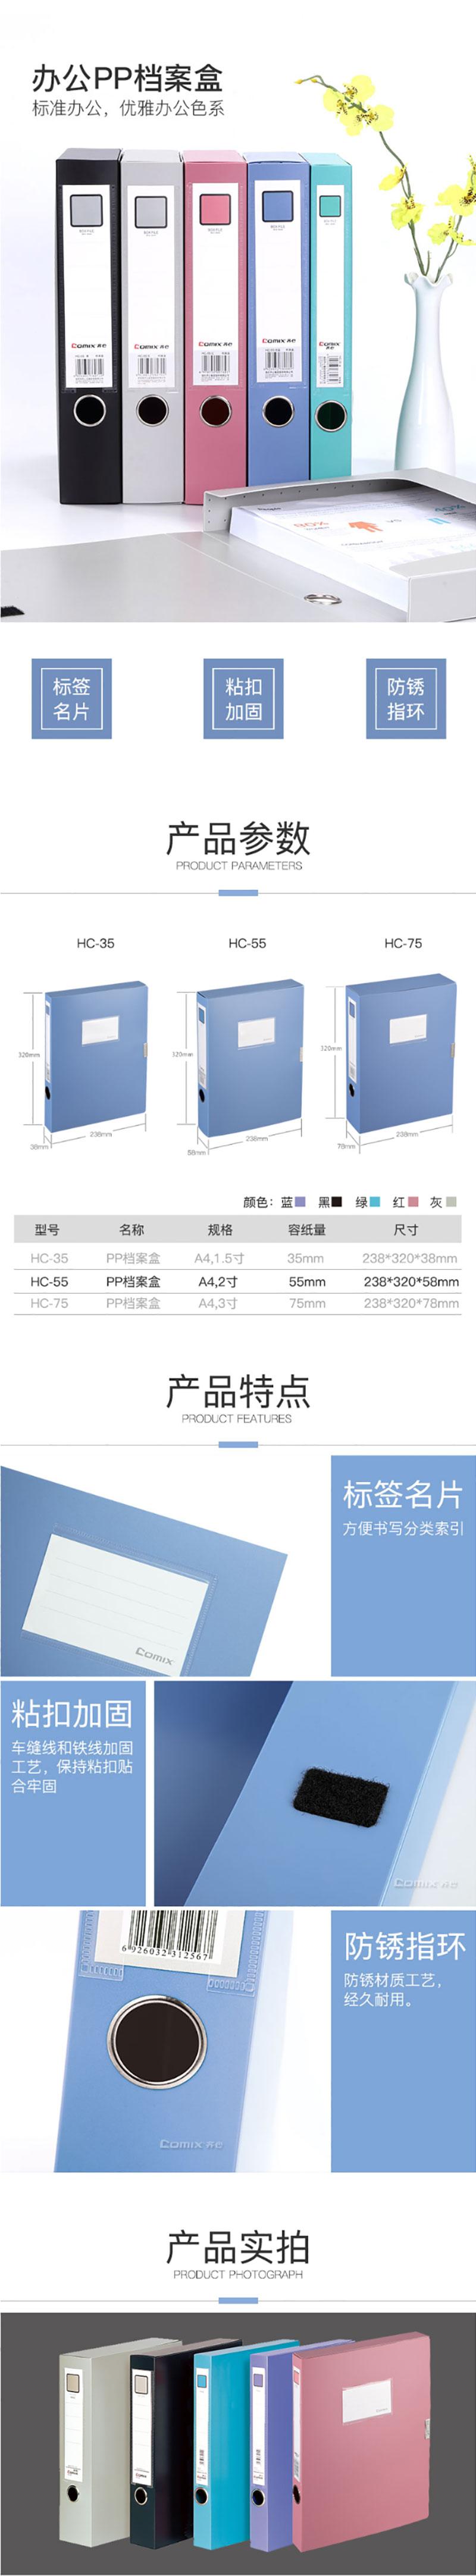 HC-55A4档案盒 蓝色